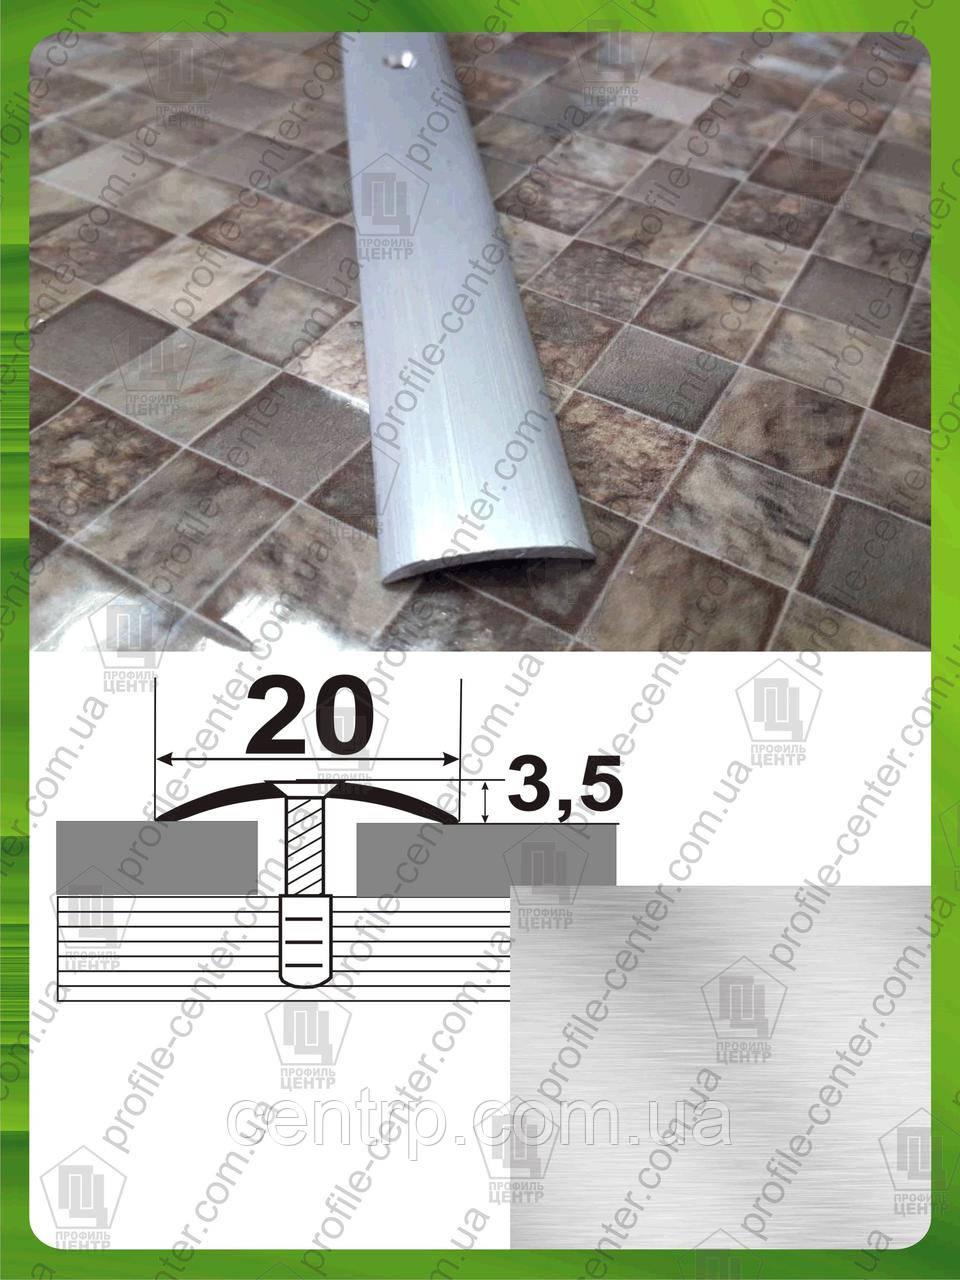 Порожек для пола АП 001 Без покрытия. Ширина 20 мм. Длина 2,7м.